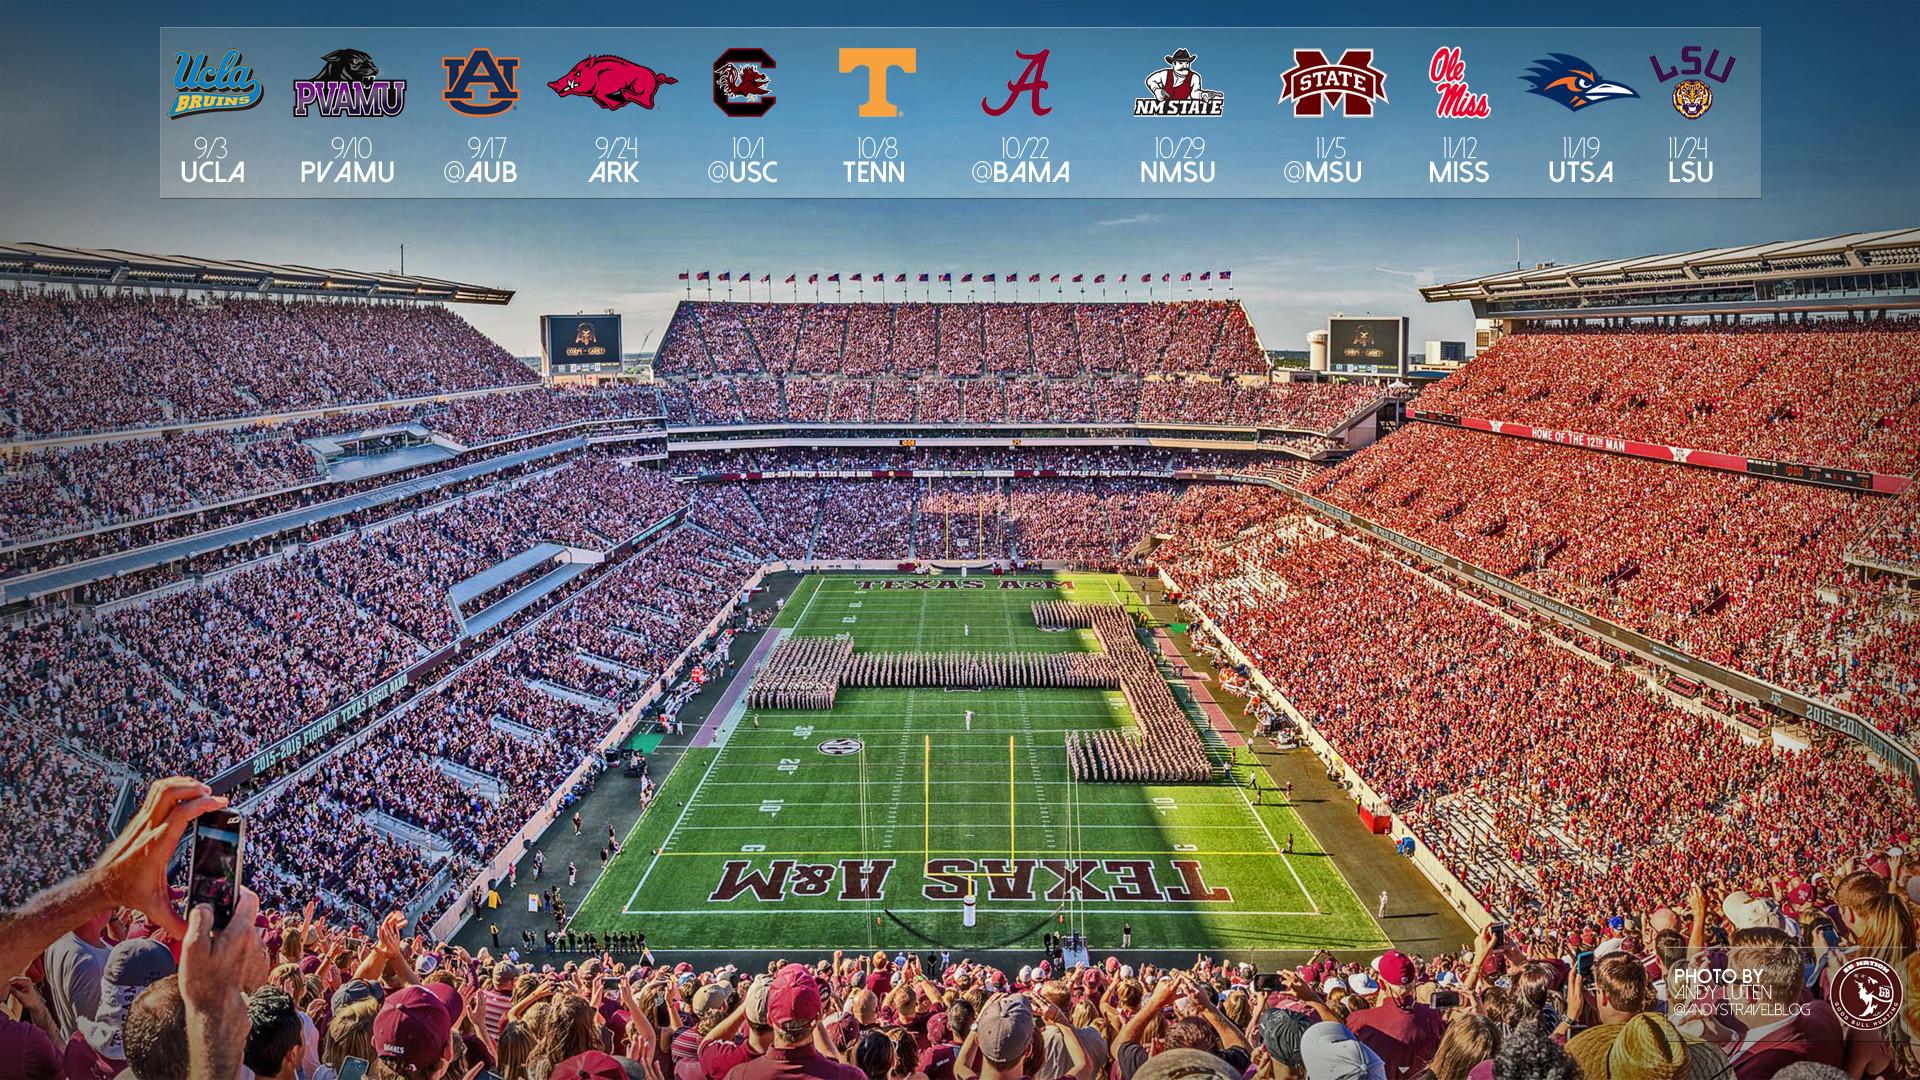 Alabama 2013 Football Schedule Wallpaper